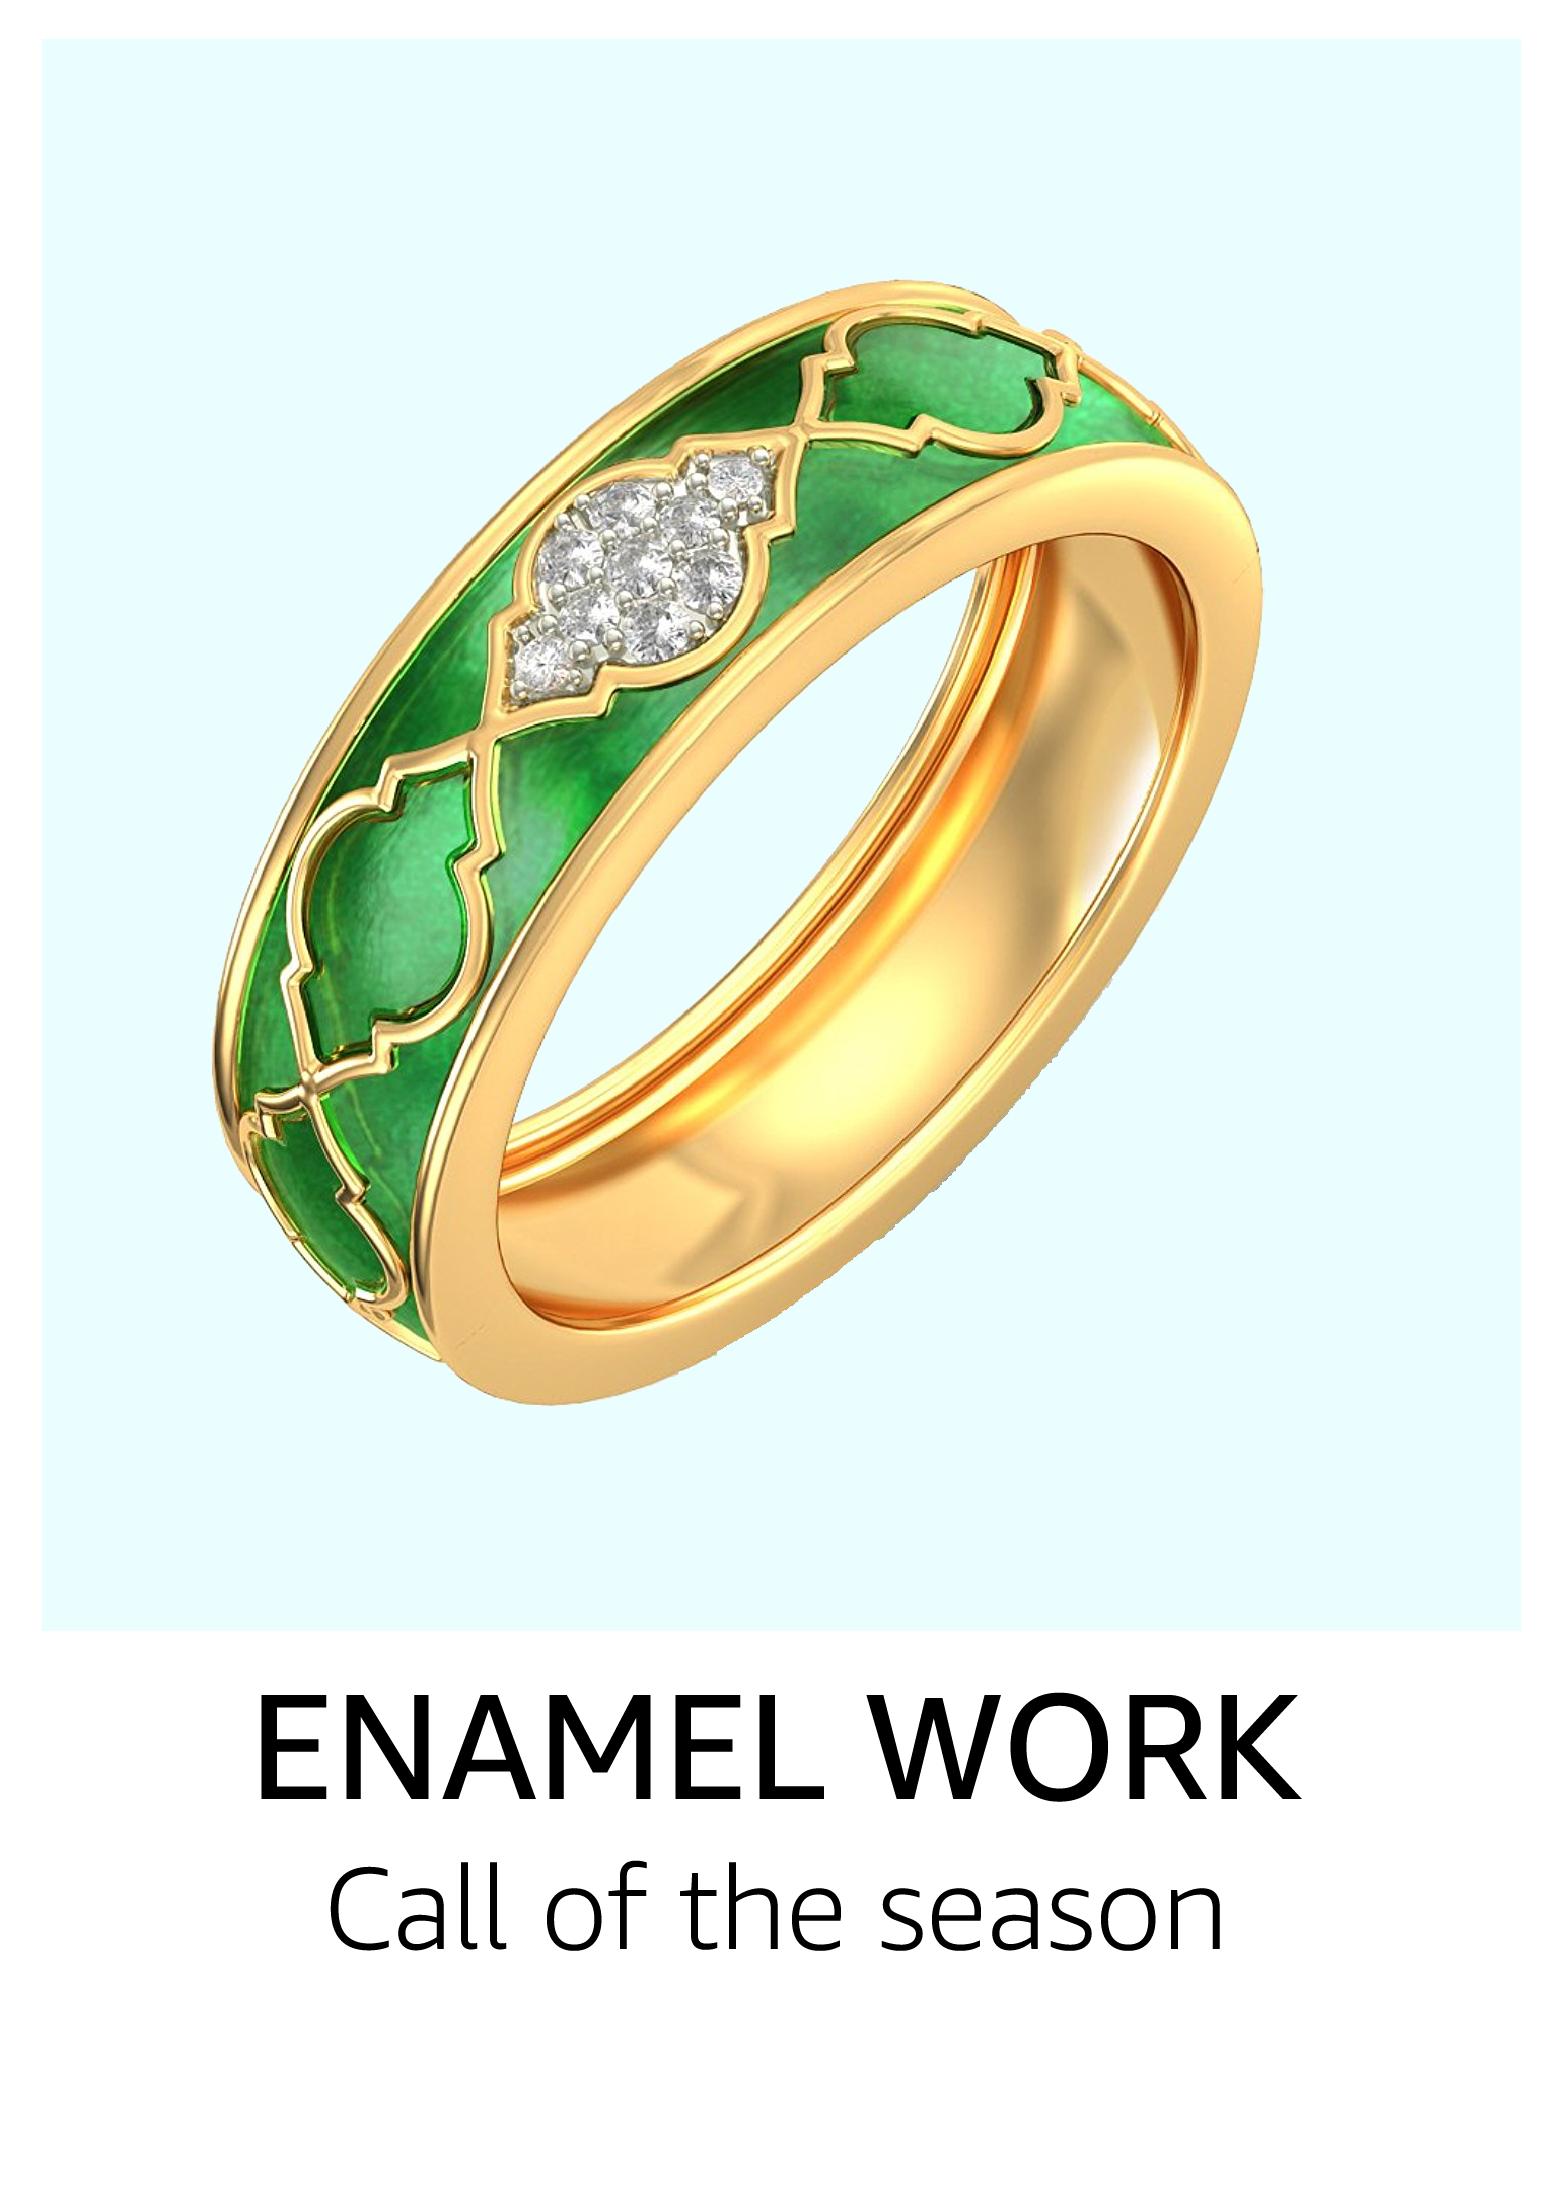 Enamel work